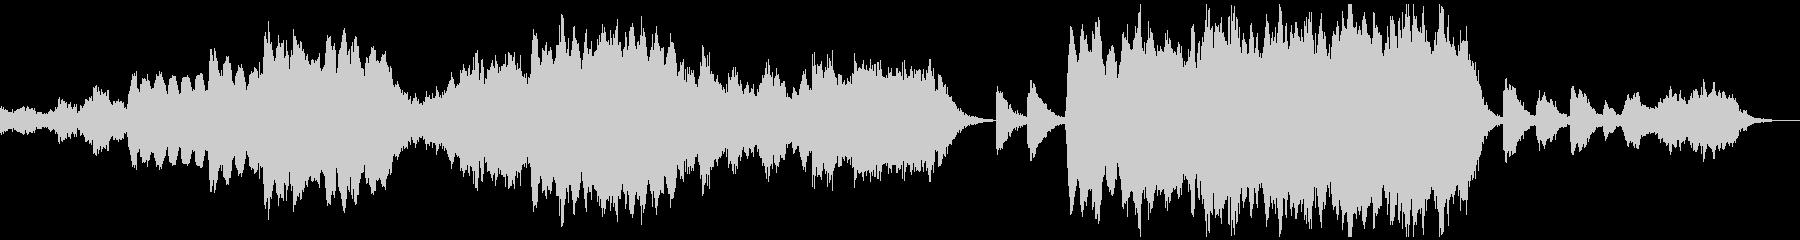 心落ち着くエスニックなヒーリングBGMの未再生の波形